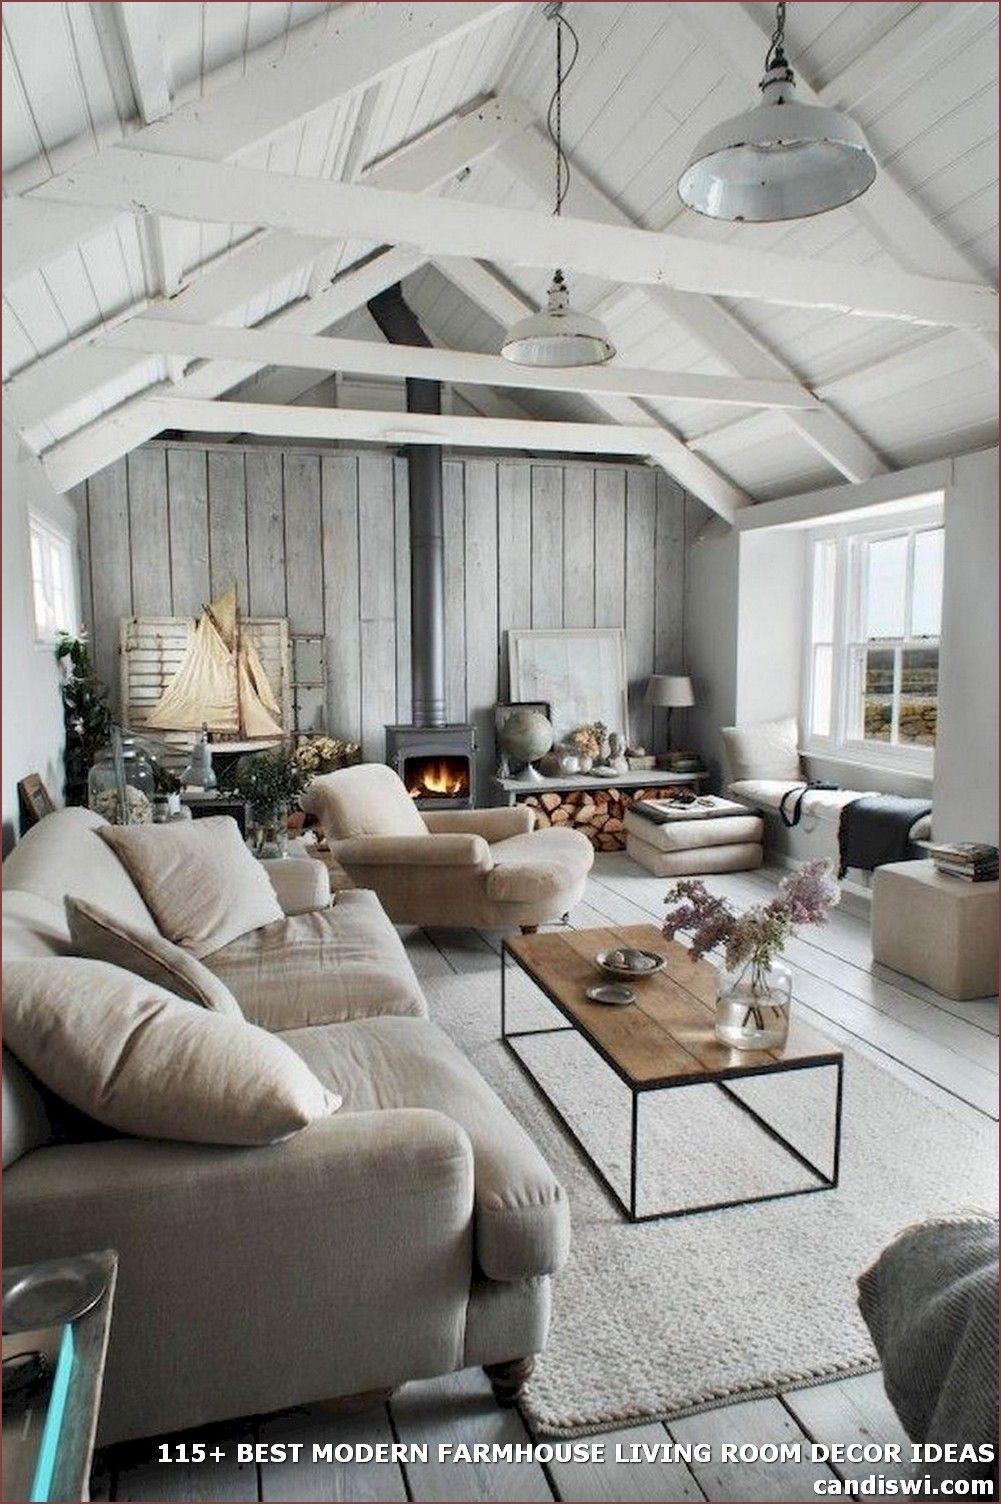 115 Best Modern Farmhouse Living Room Decor Ideas Modern Farmhouse Living Room Decor Minimalist Living Room Farmhouse Decor Living Room #small #modern #farmhouse #living #room